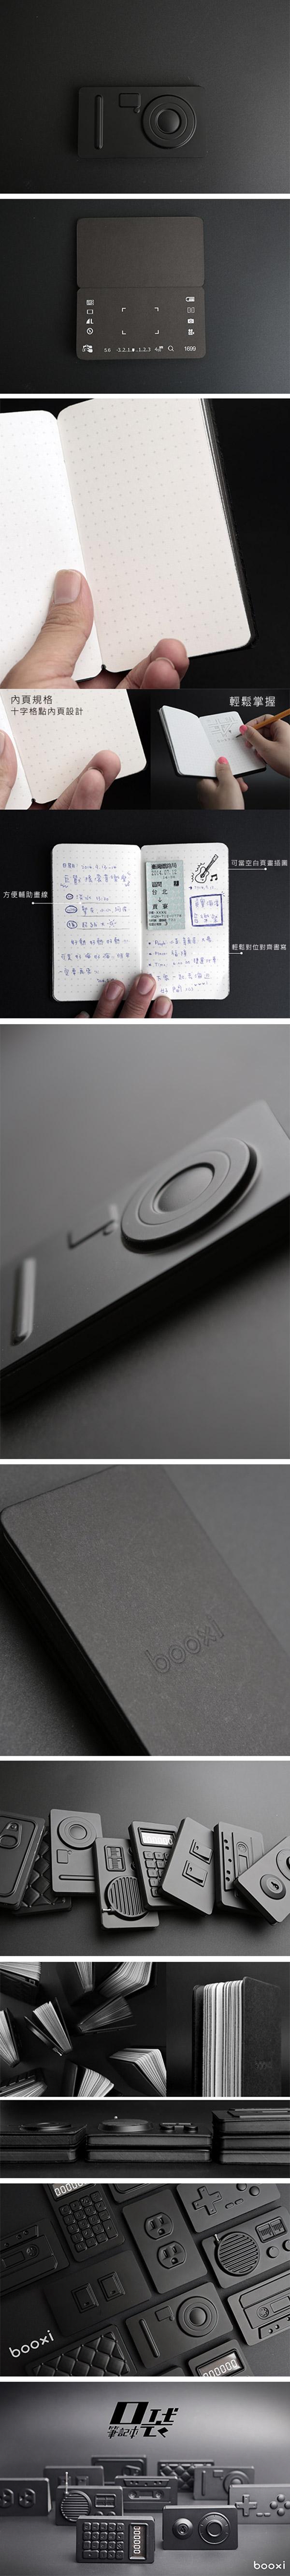 天晴設計 相機造型筆記本 Camera Notebook